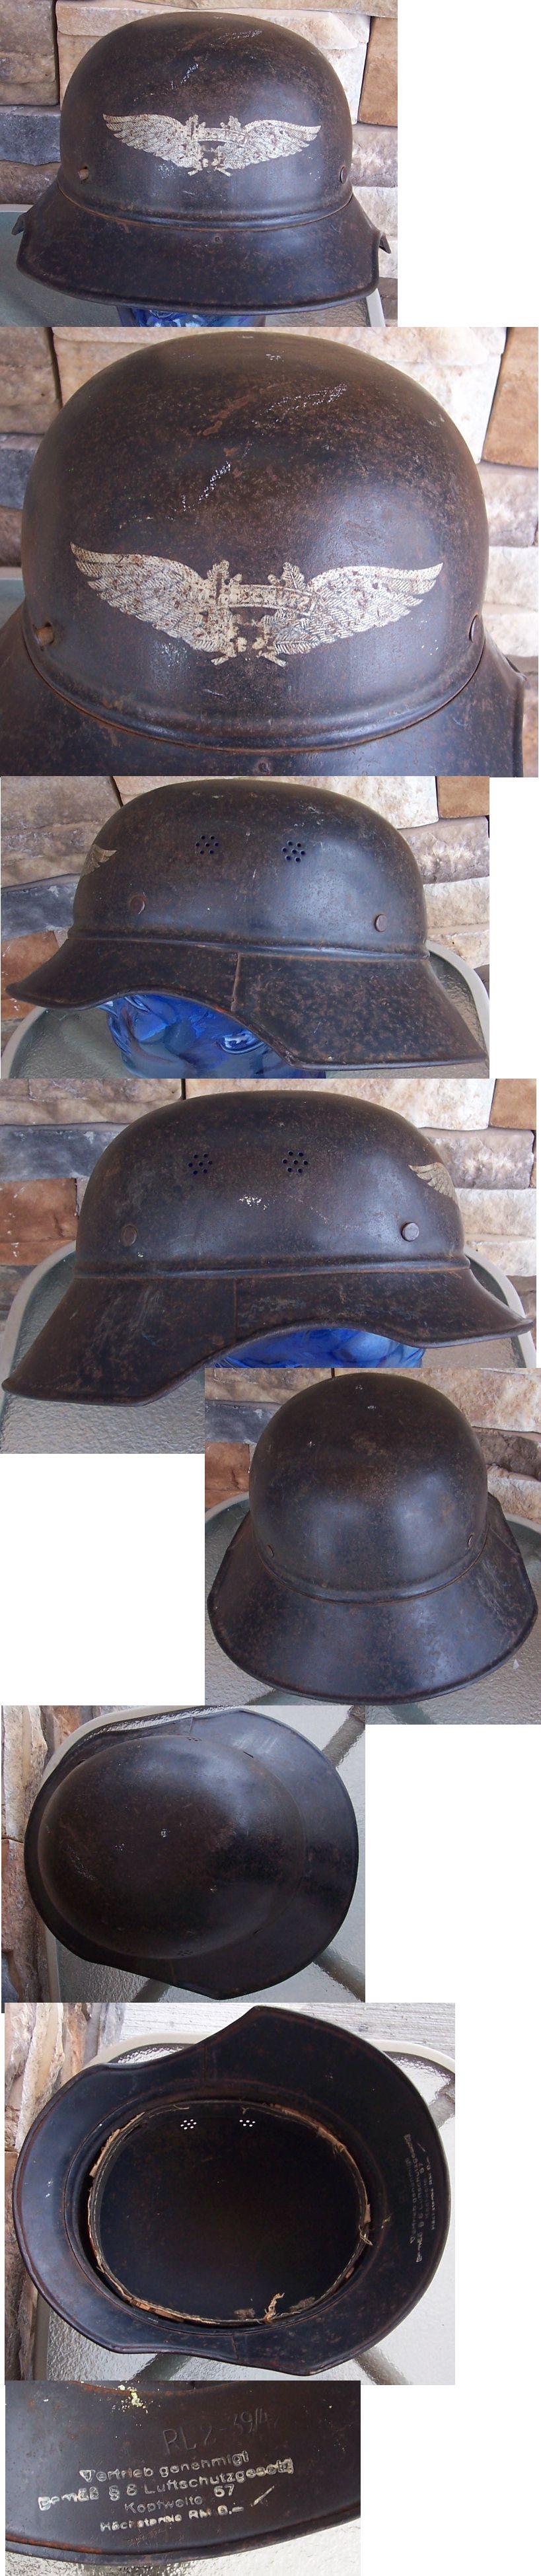 M38 Luftschutz Helmet Shell